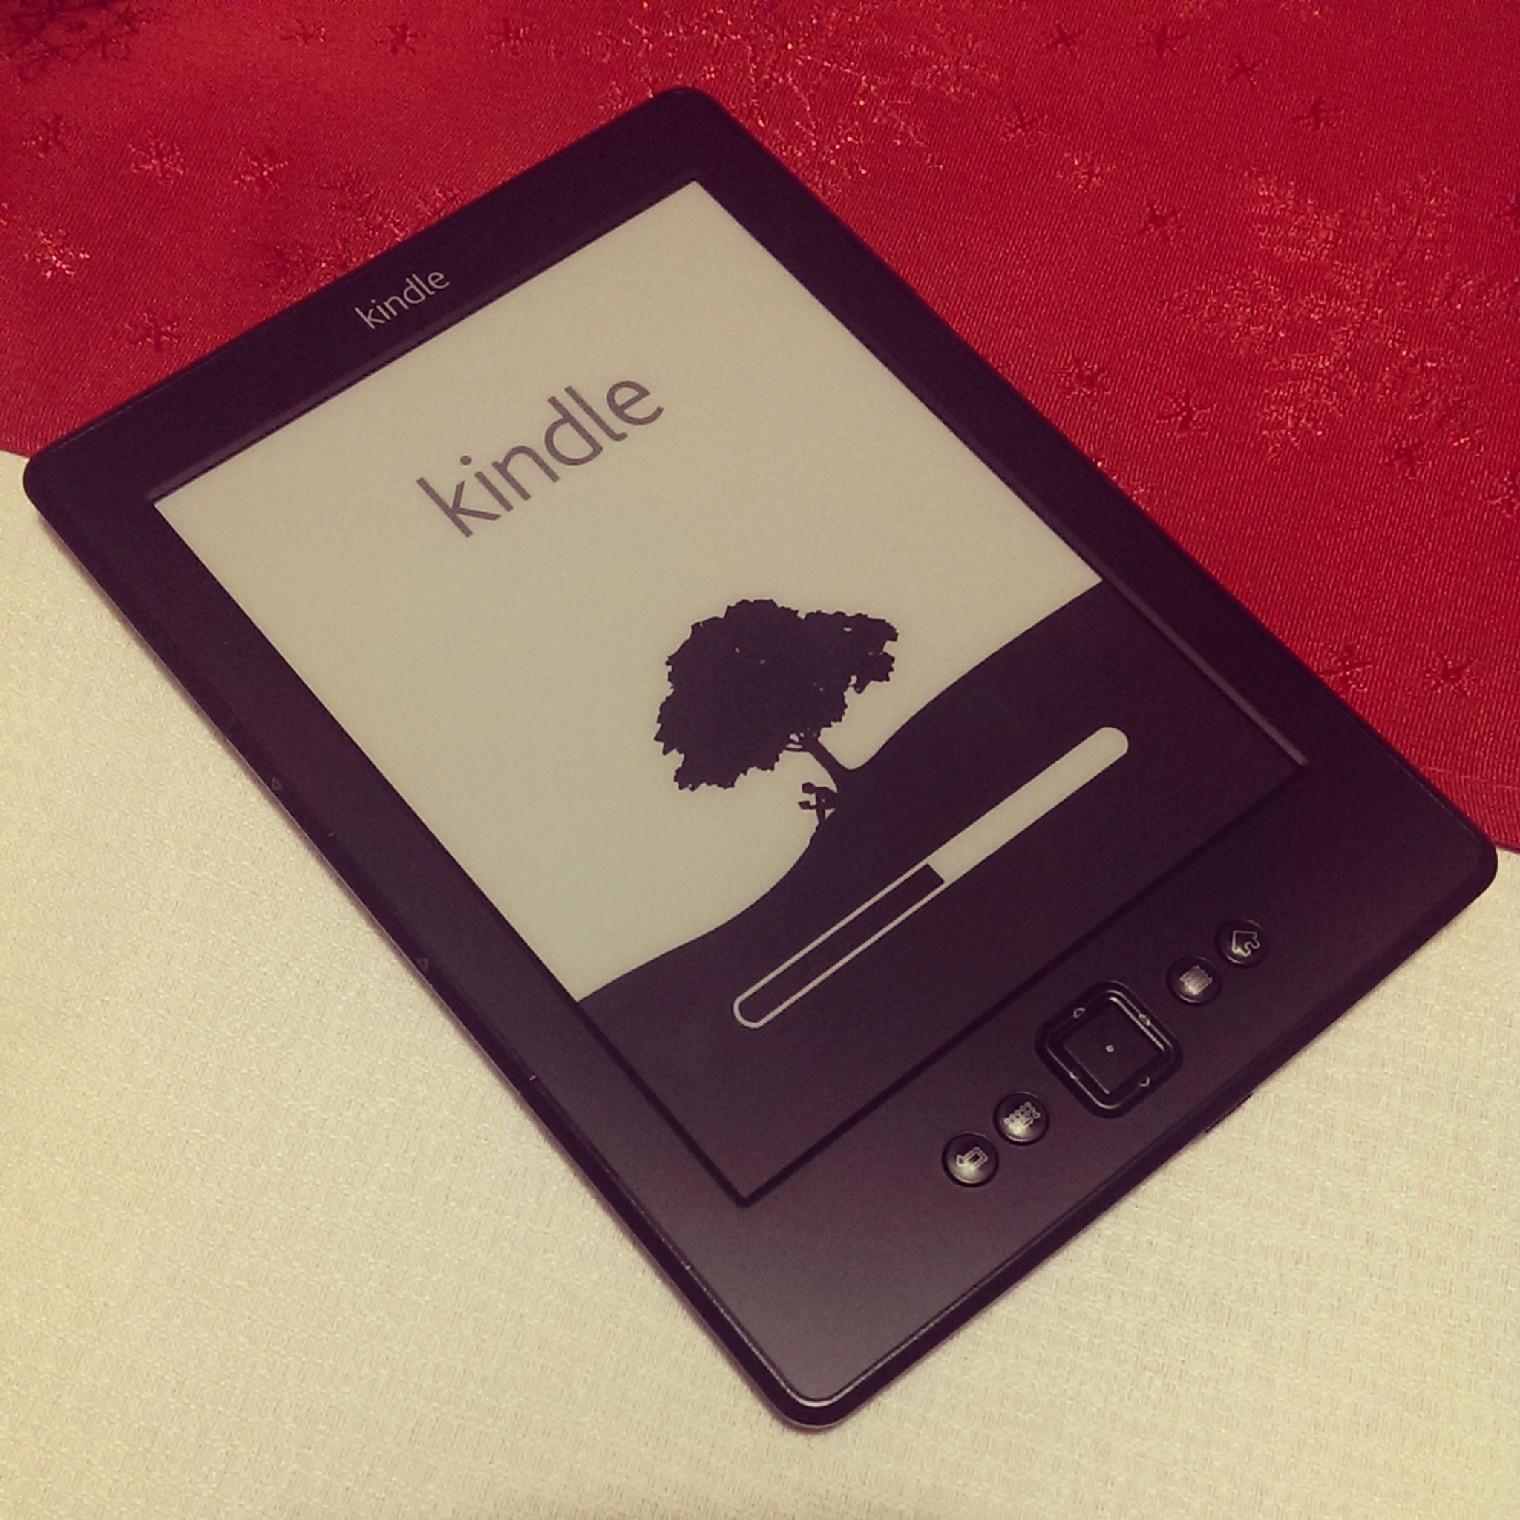 Dostałeś czytnik ebooków Kindle na Święta? Oto kilka porad na dobry start